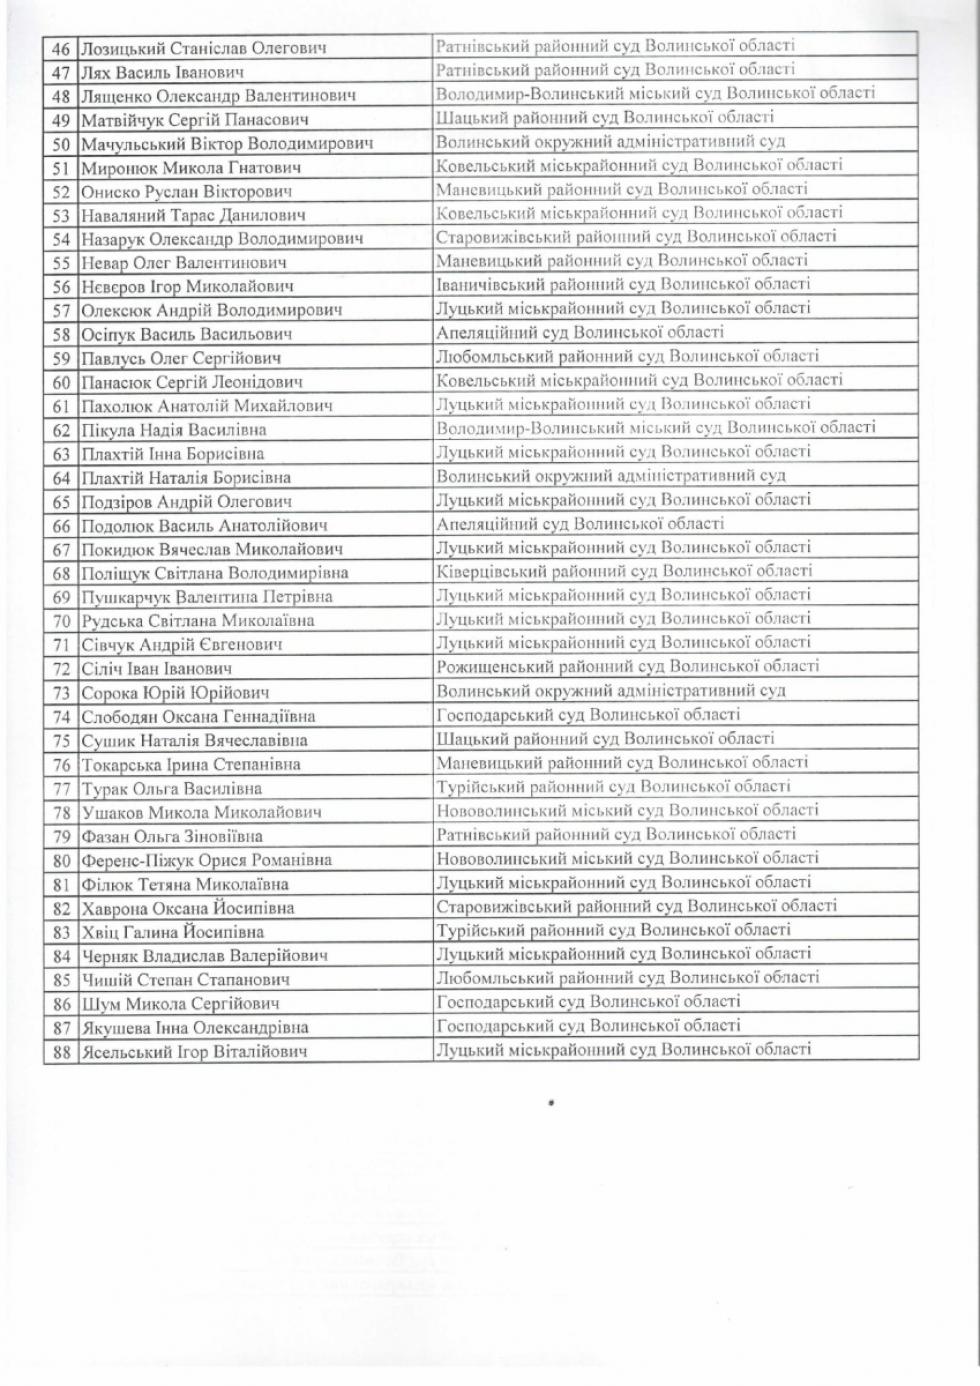 Список суддів області, які не пройшли переатестацію